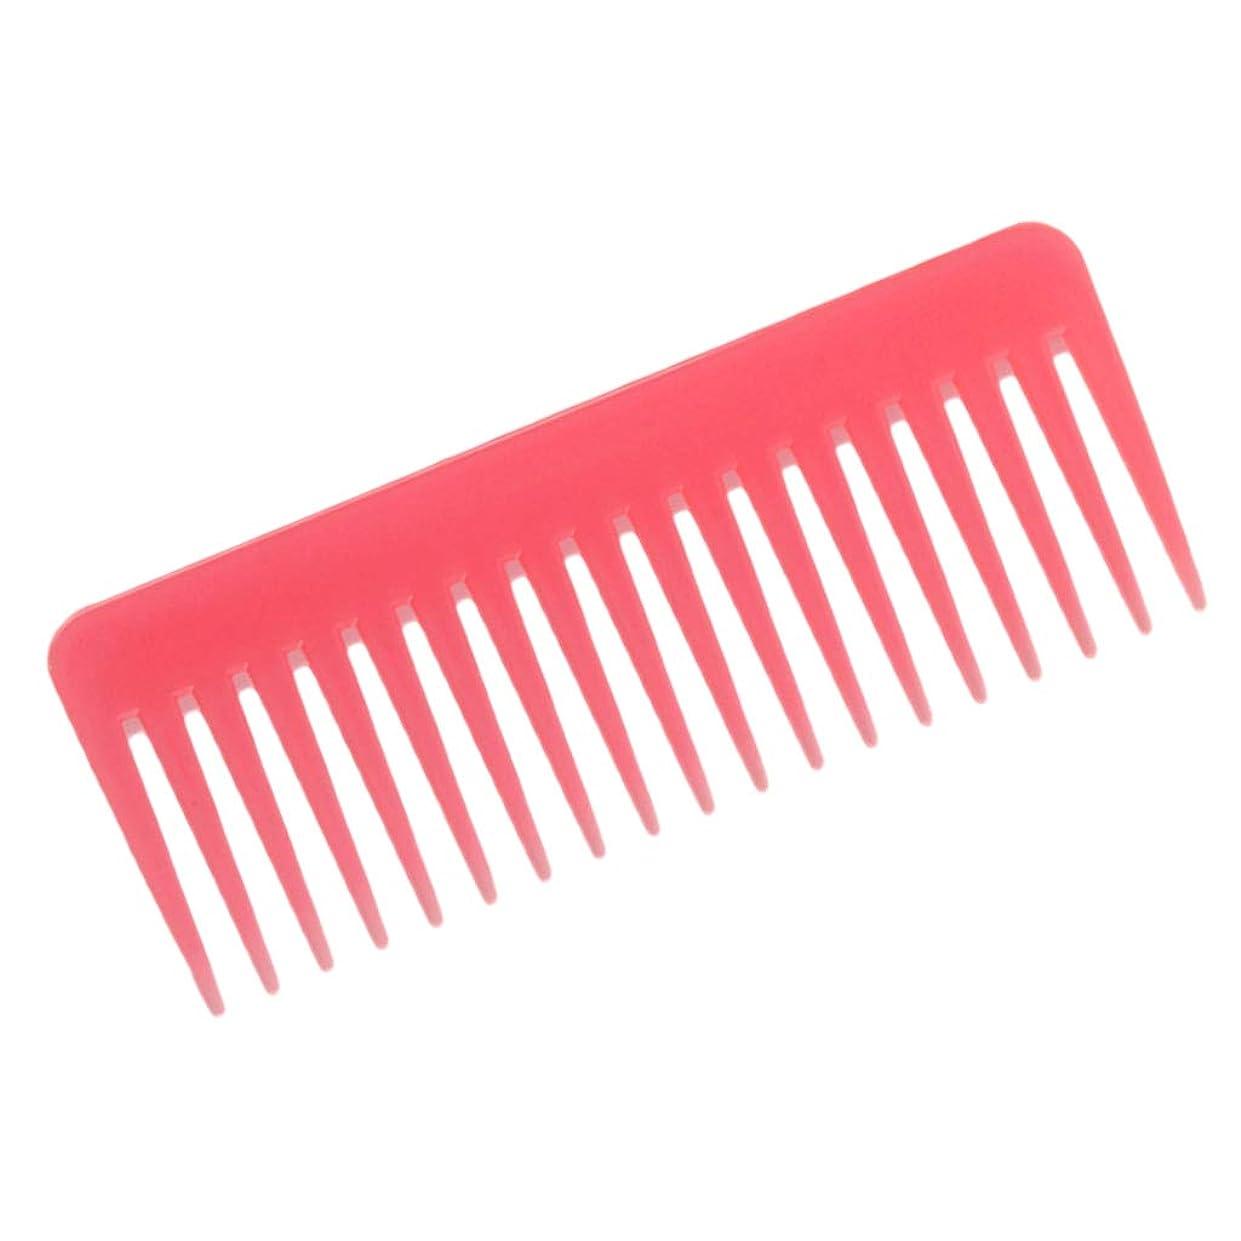 飛行機ペナルティ負荷ヘアブラシ 巻き毛 広い歯 櫛 サロン シャンプーくし 3色選べ - ピンク